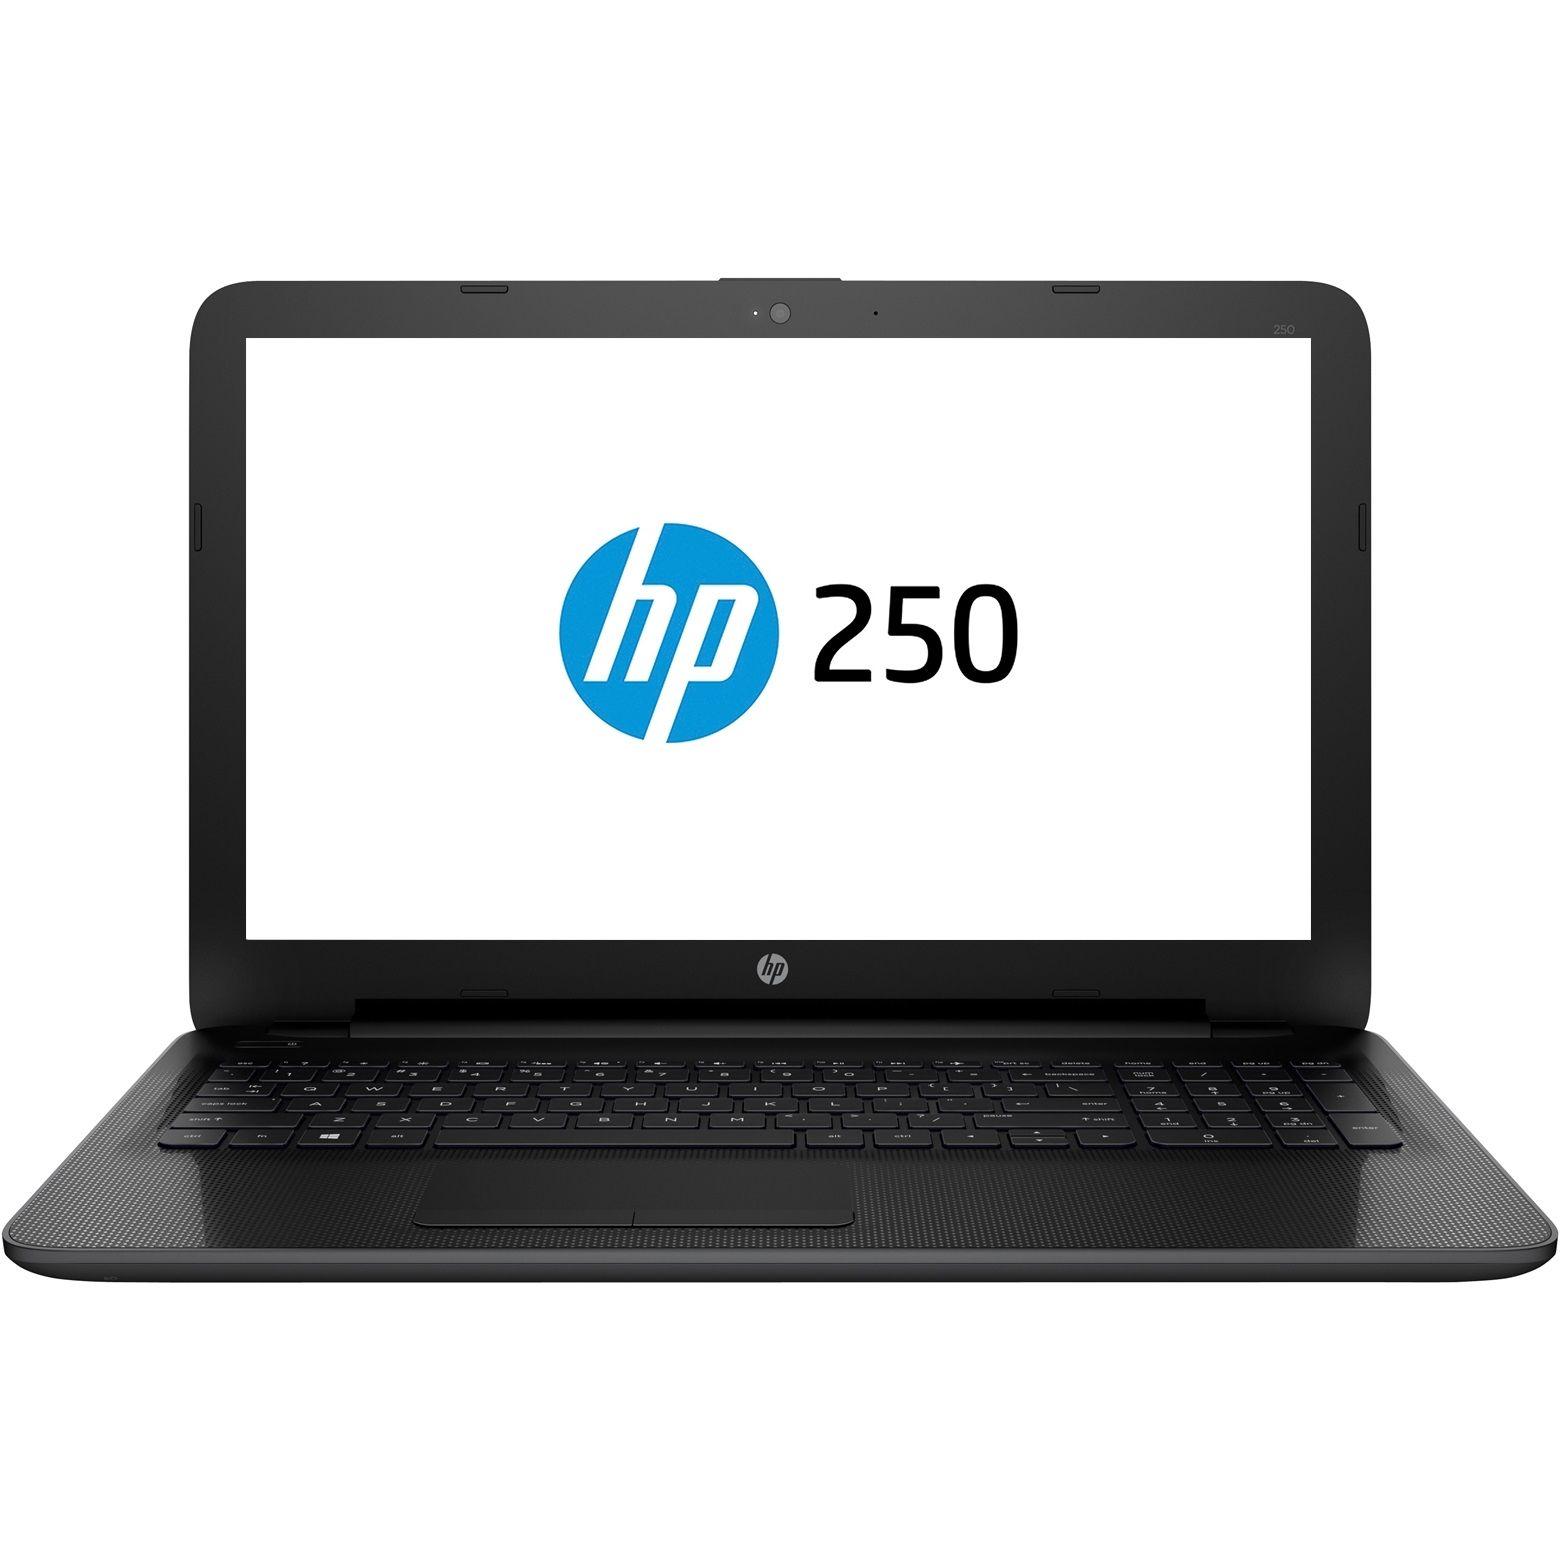 Laptop HP 250 G4, Intel Core i3-4005U 1.70GHz, 4GB DDR3, 500GB SATA, DVD-RW, 15.6 Inch, Webcam, Tastatura Numerica, Grad A-